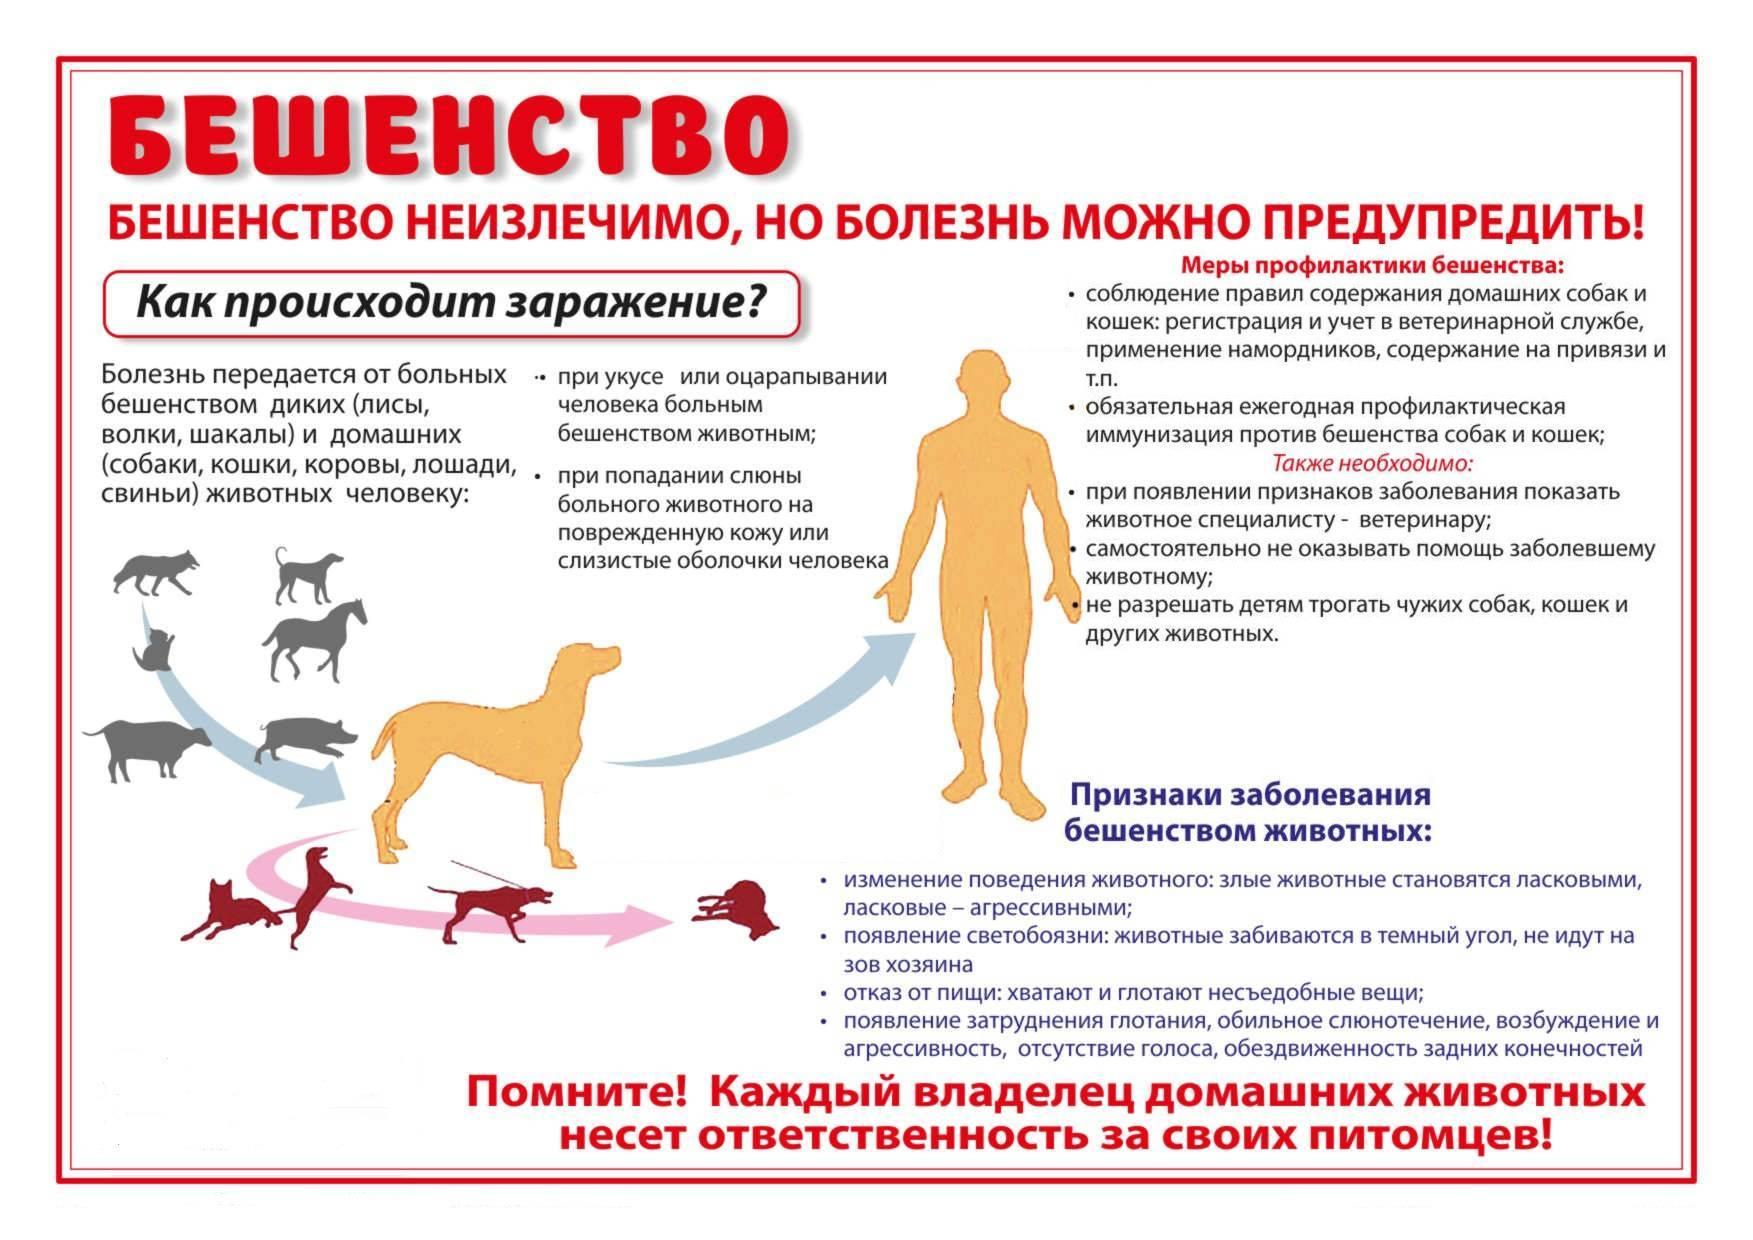 Собачки, котики, ежики, лисы и белки — как они убивают людей бешенством